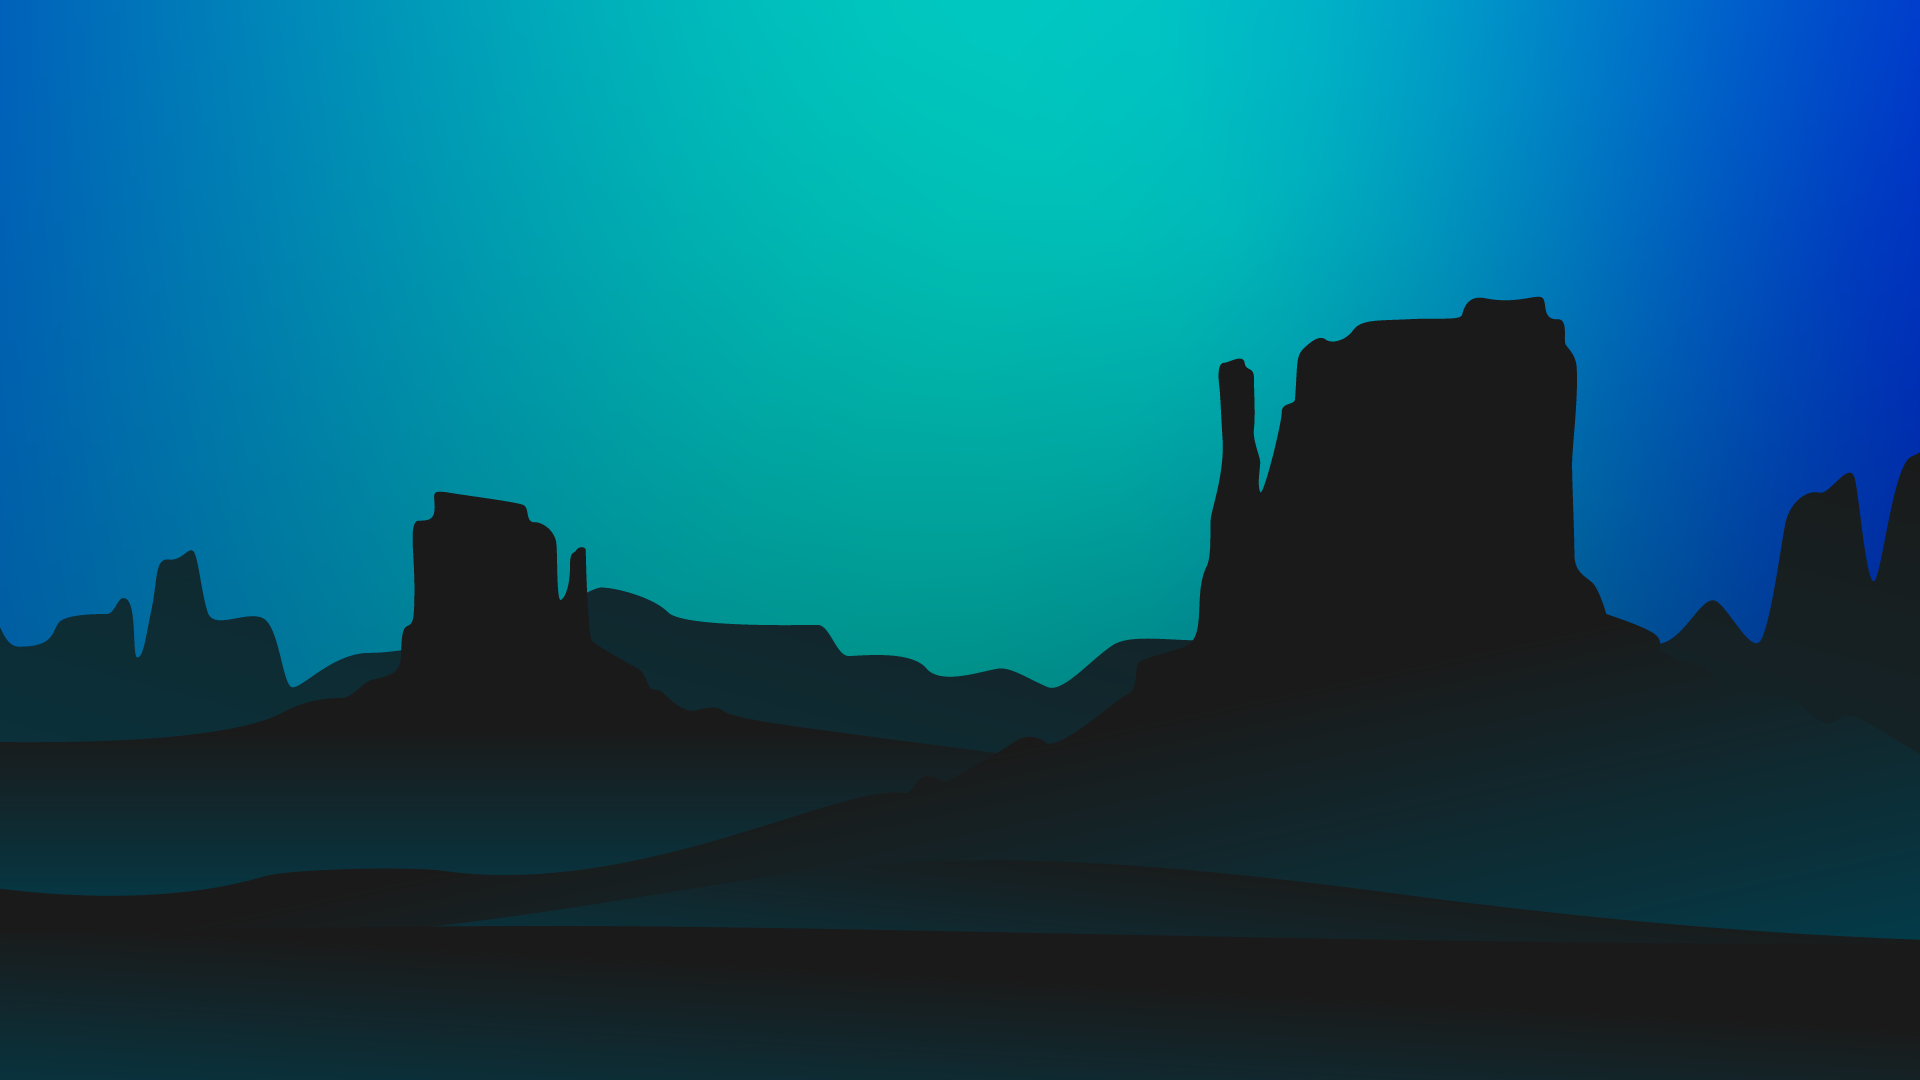 background-wallpaper-canyon-minimalist